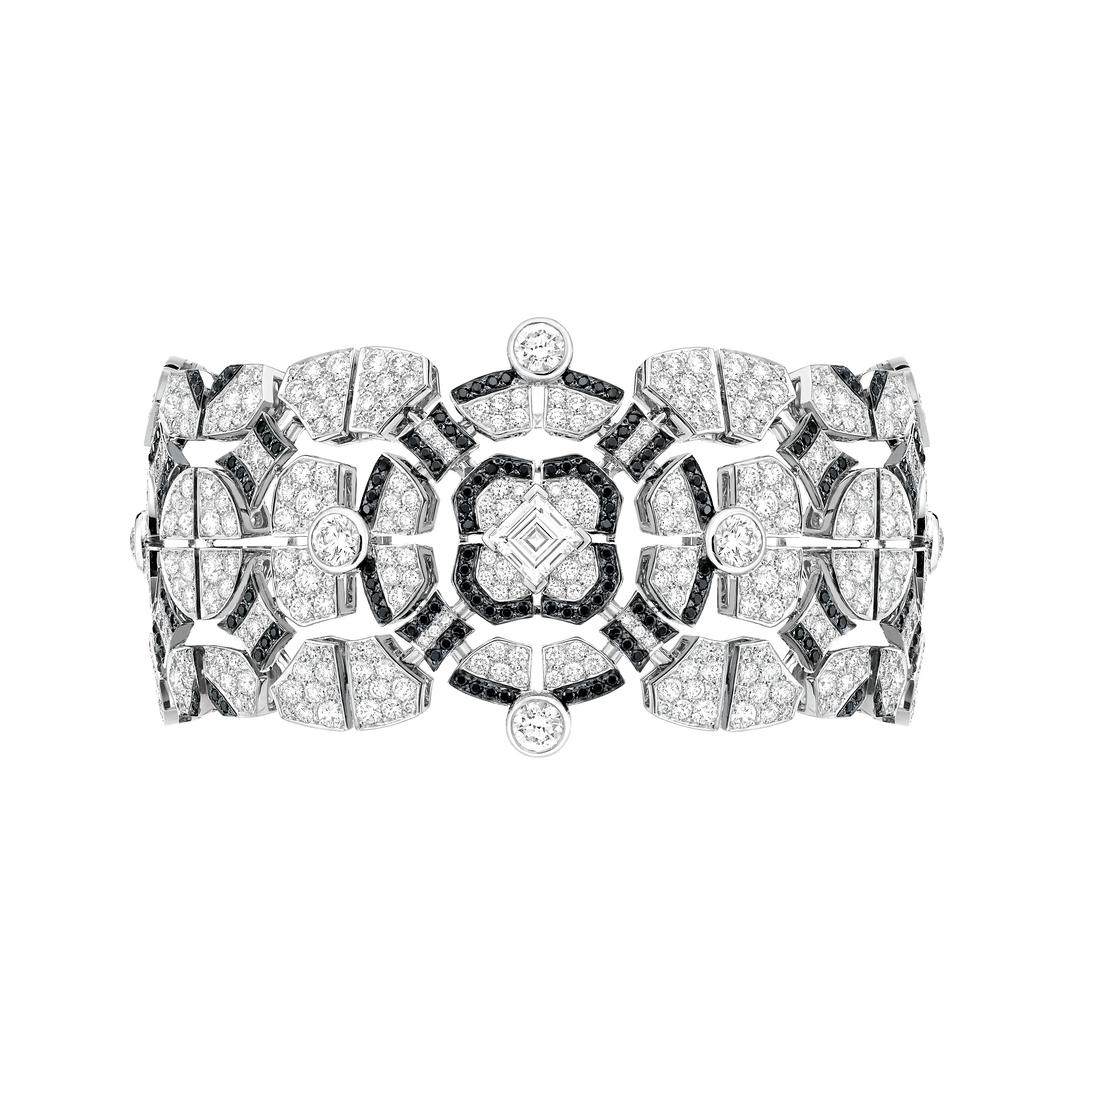 Brazalete de Alta Joyería de Chanel.